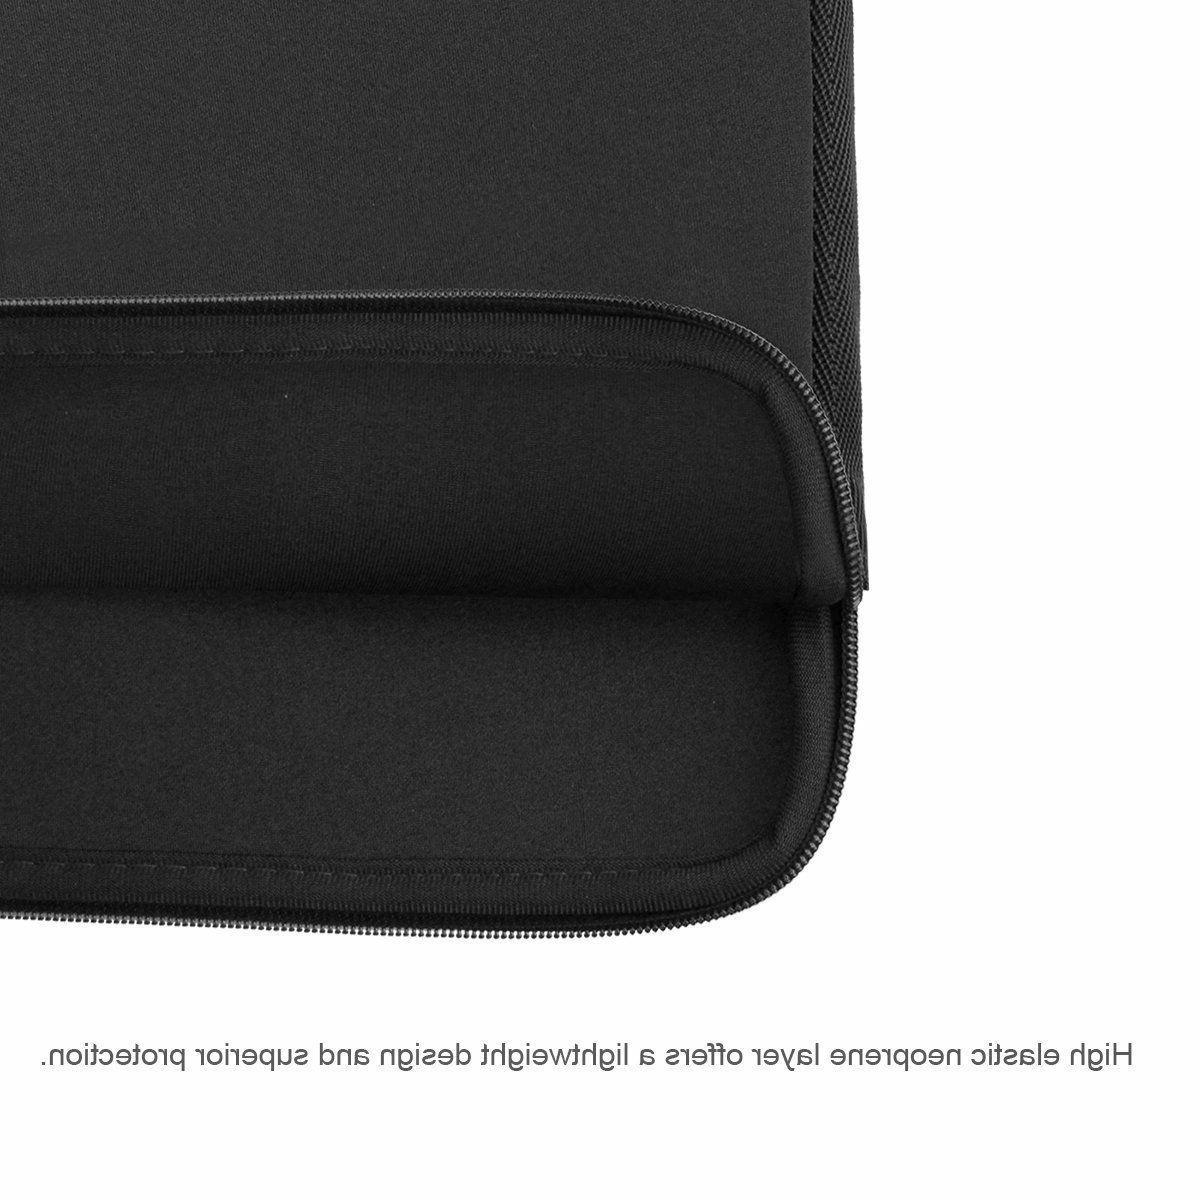 17-17.3 Water Case Pocket Tablet